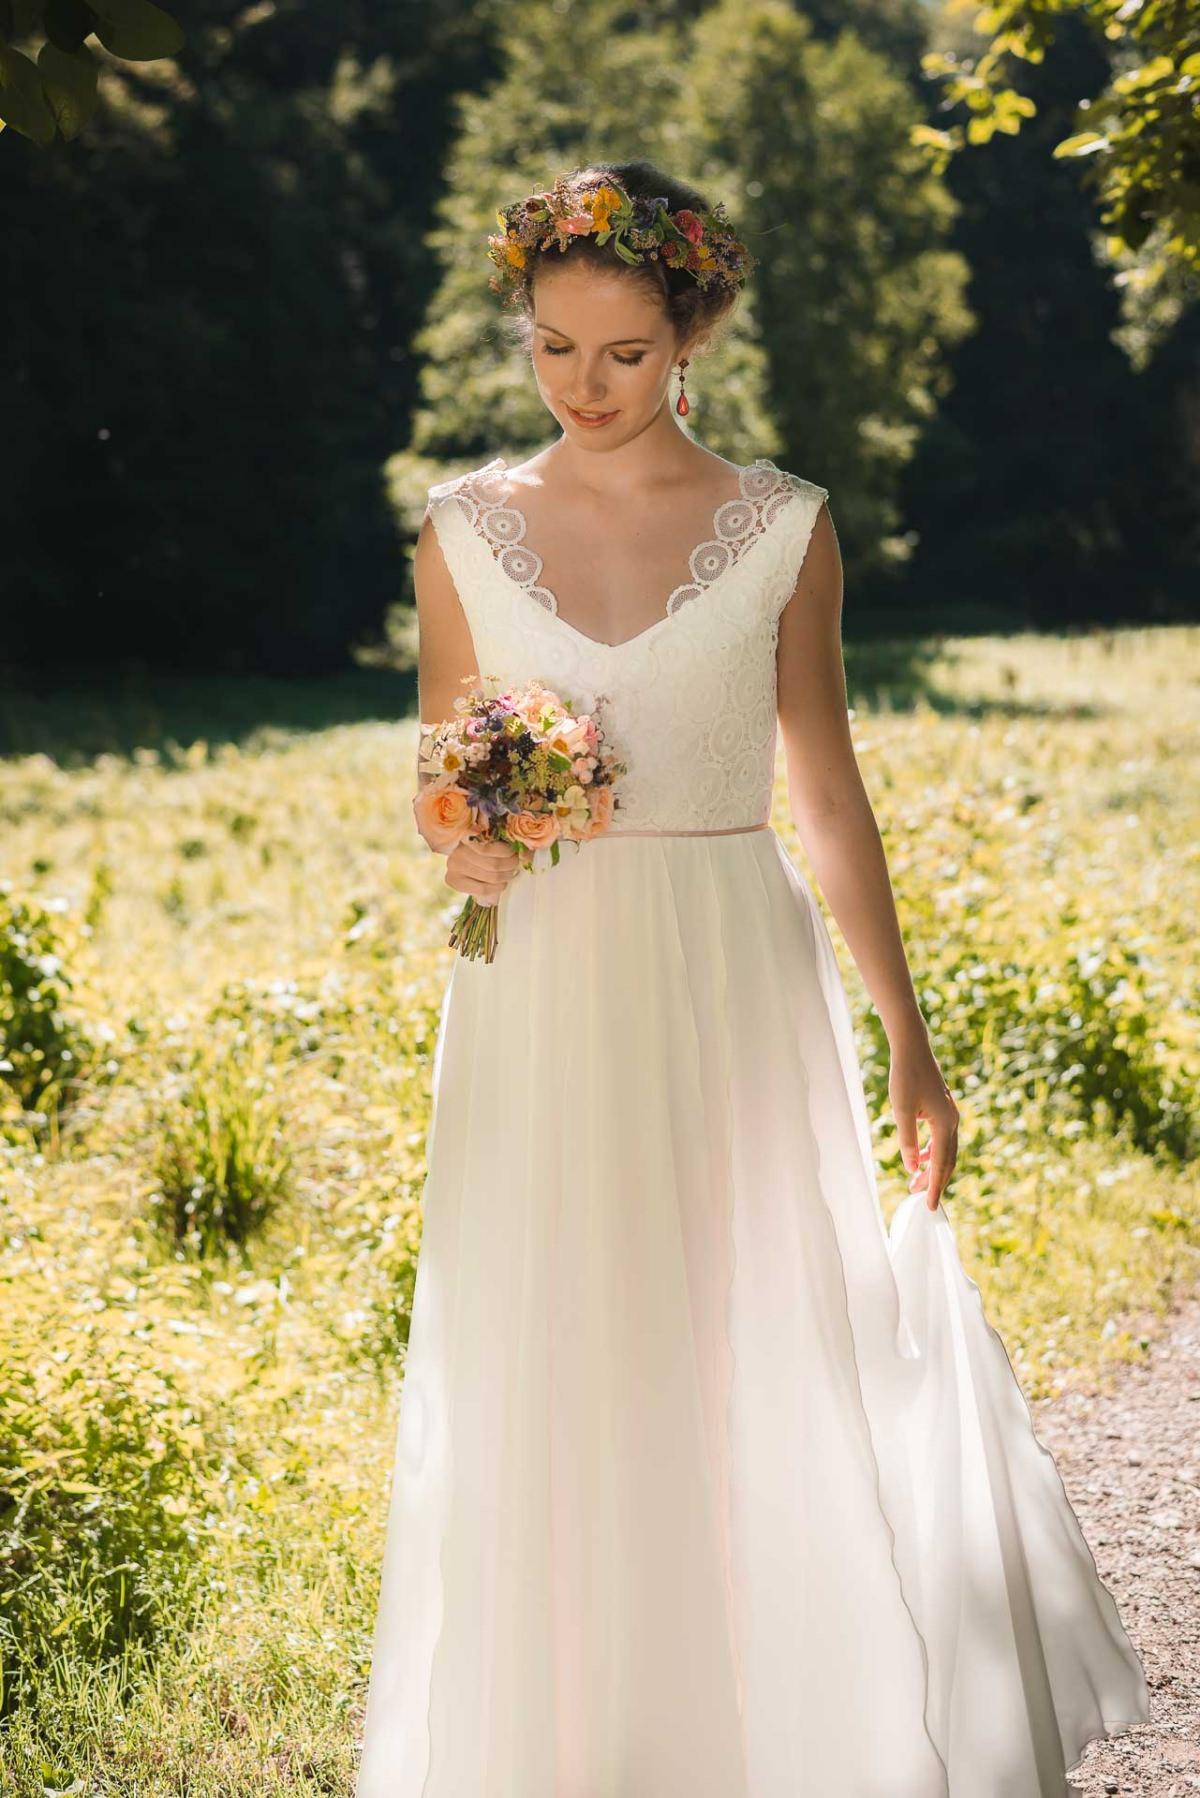 Großzügig Stoff Für Brautkleider Zeitgenössisch - Hochzeit Kleid ...